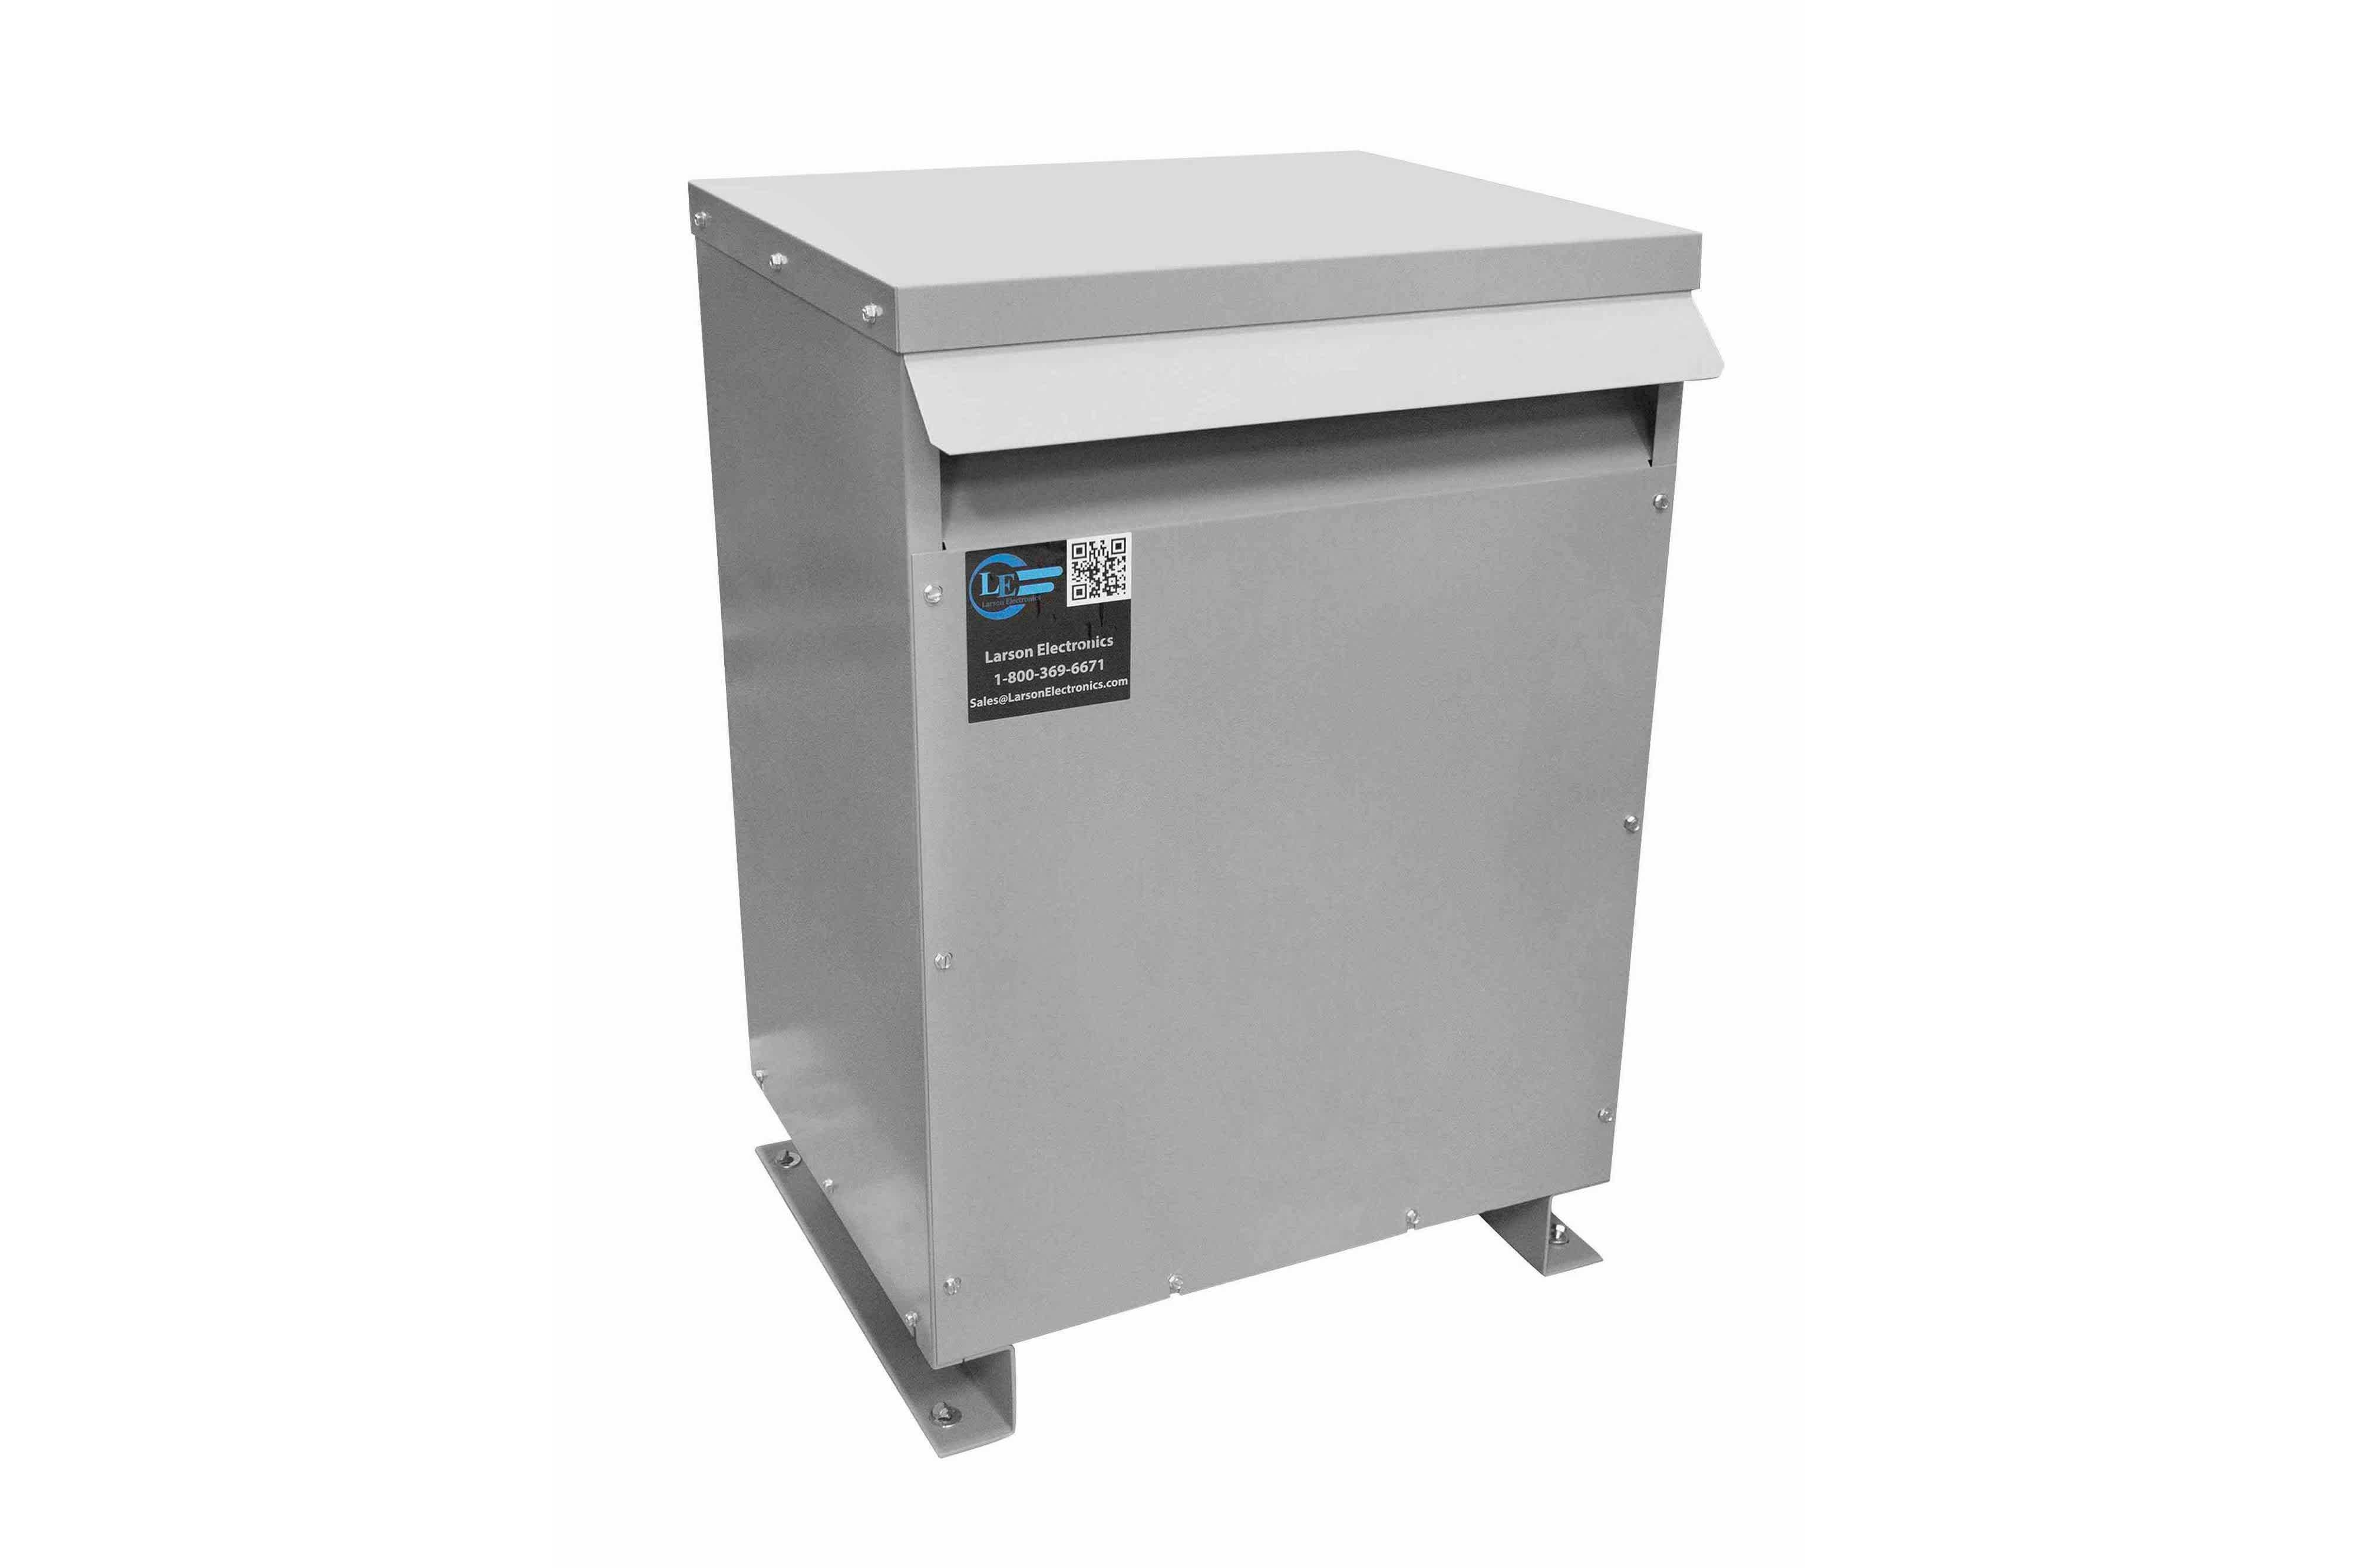 150 kVA 3PH Isolation Transformer, 440V Delta Primary, 240 Delta Secondary, N3R, Ventilated, 60 Hz